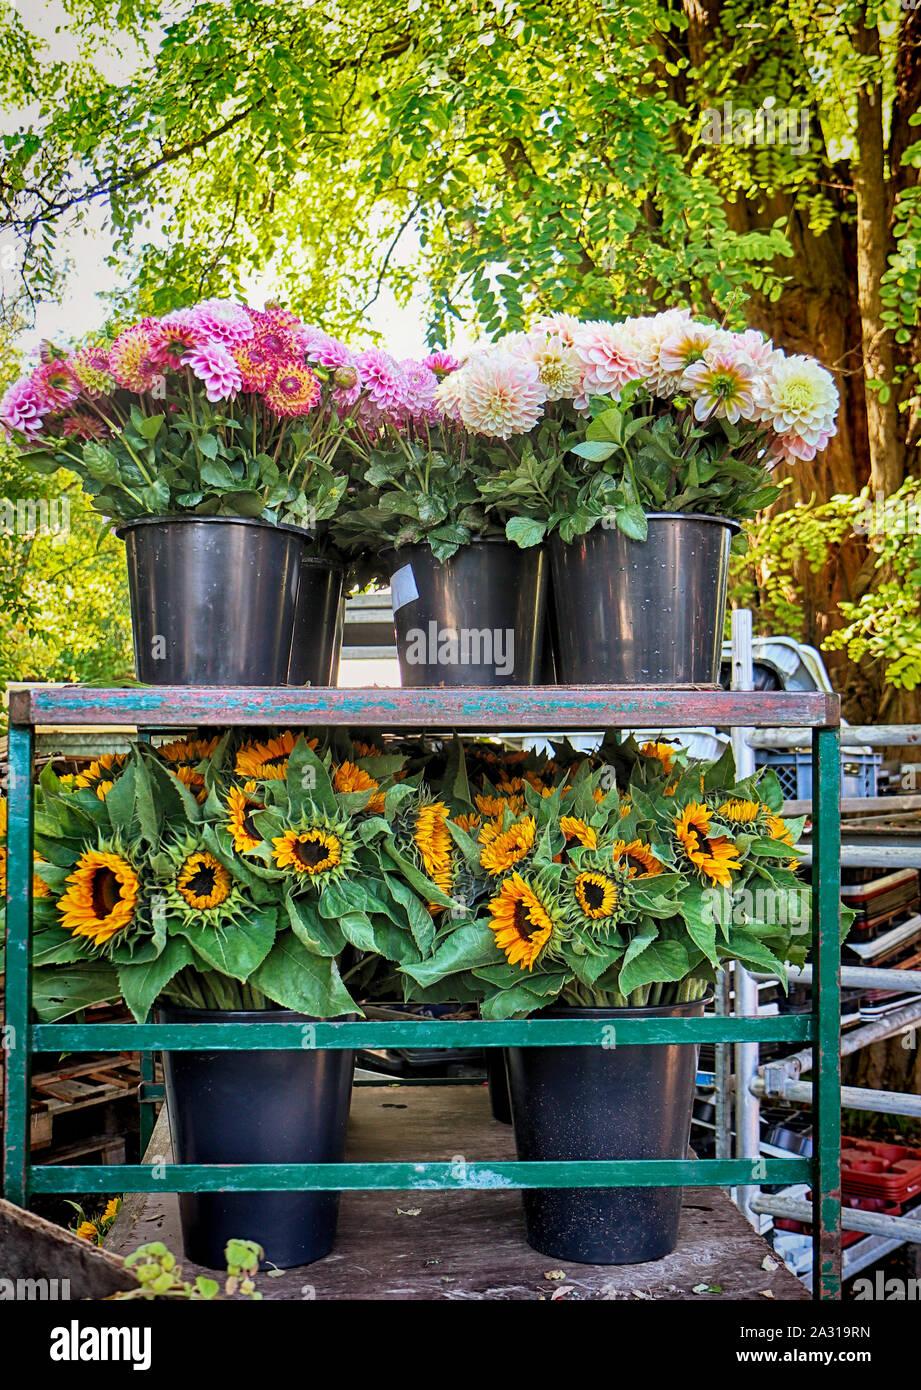 La culture de fleurs colorées et le tournesol: dahlia récoltés et couper en pot pour le marché floral à la fin de l'été Banque D'Images